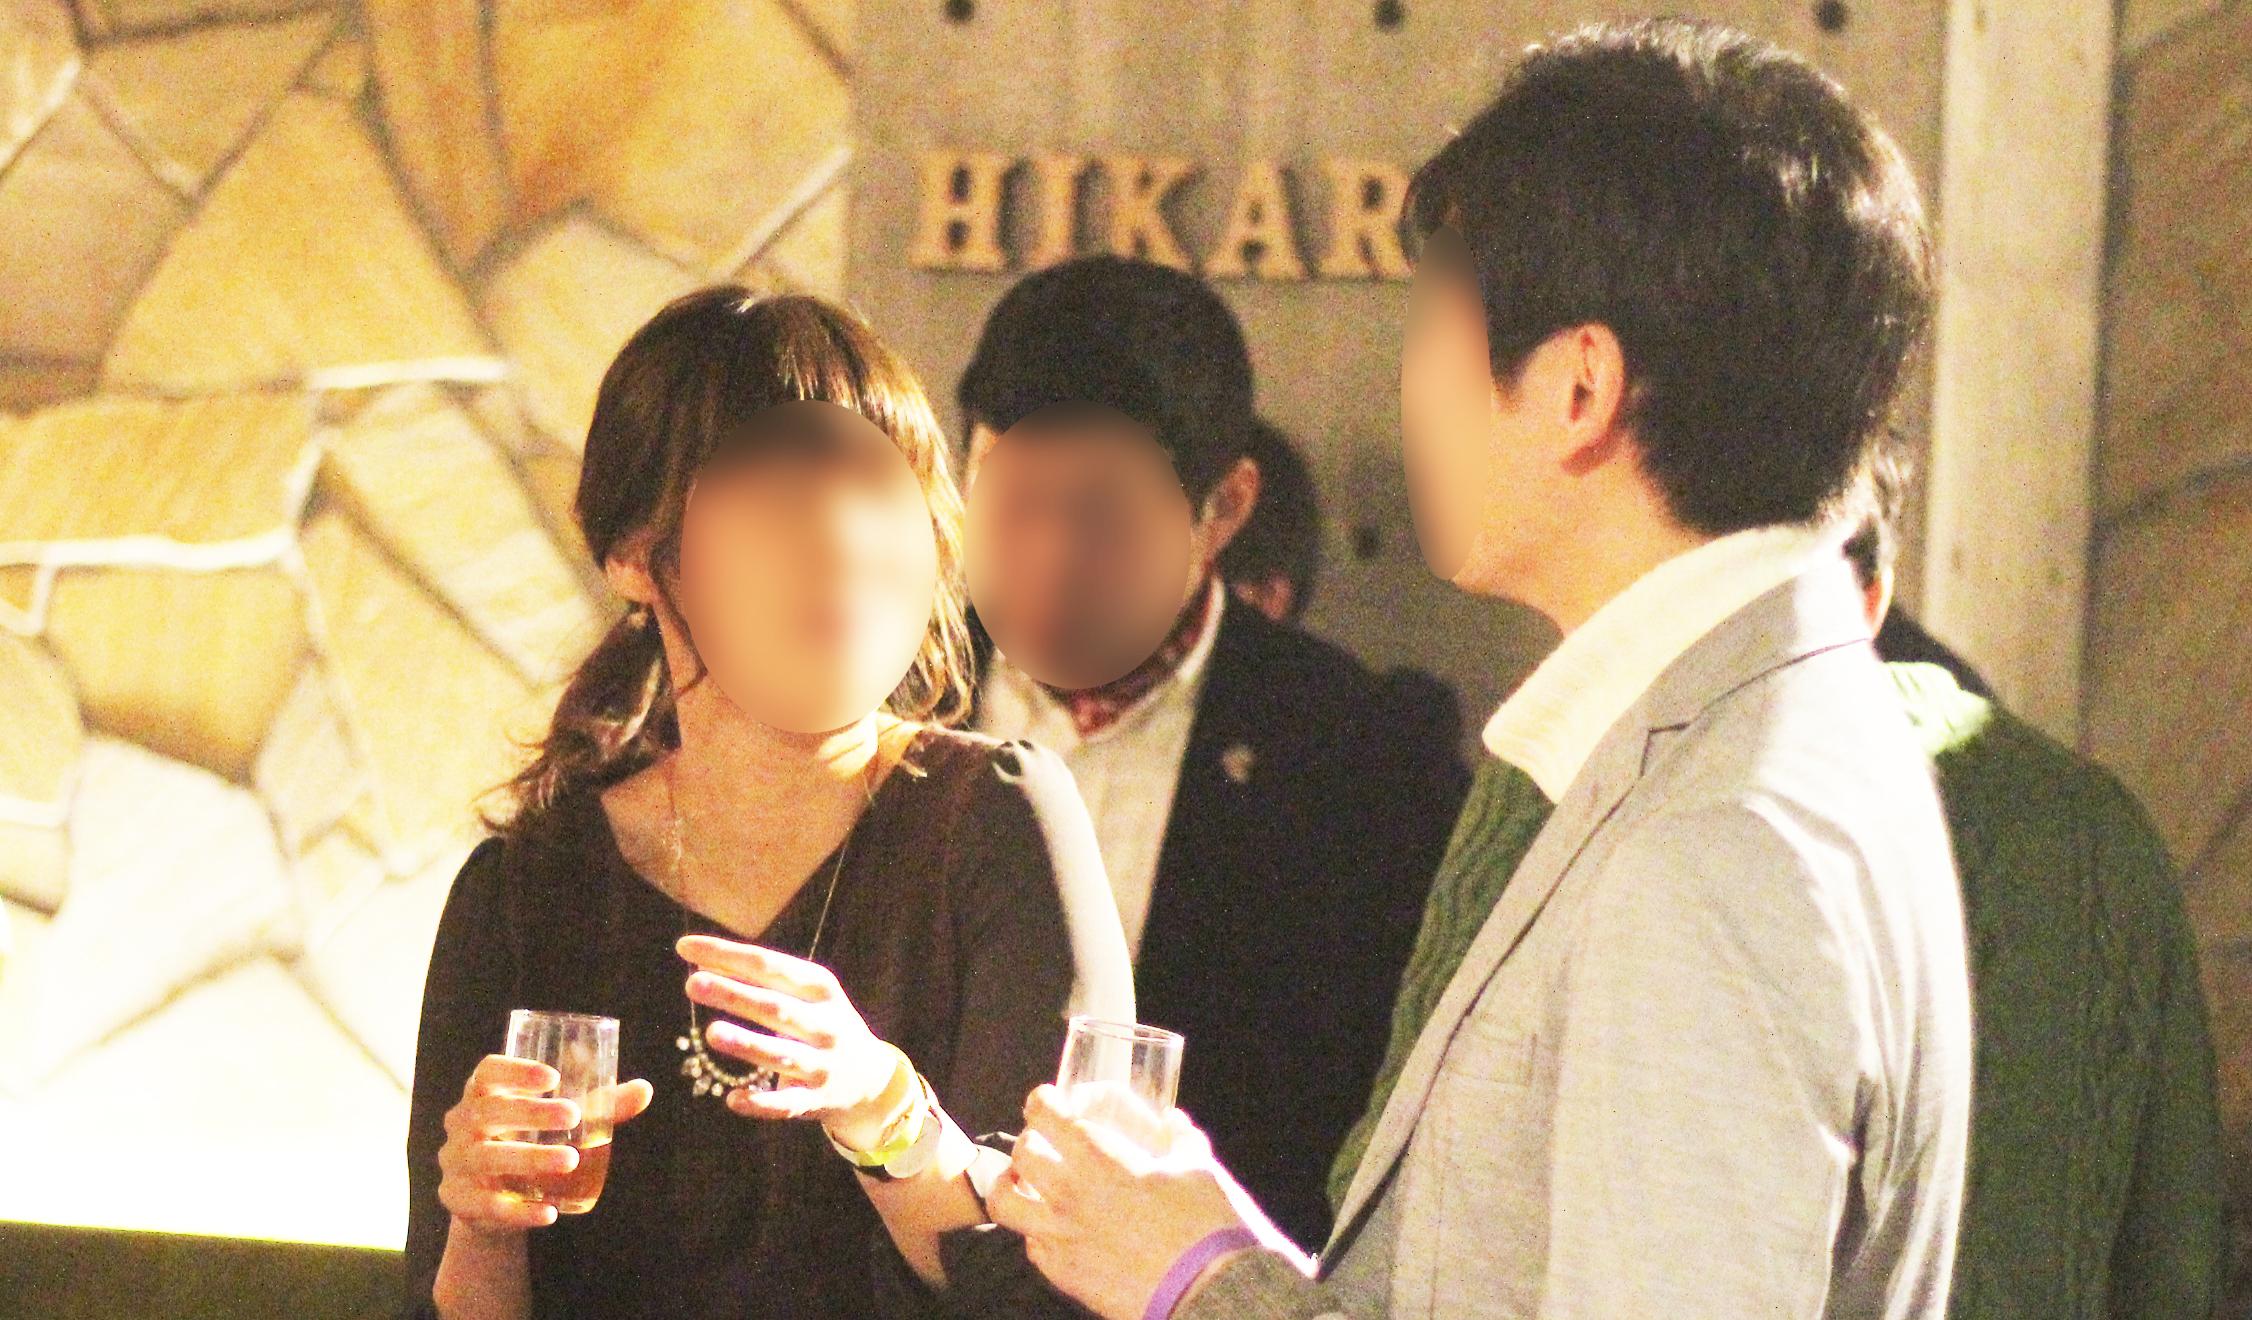 【京都】 烏丸御池にて恋活・婚活 立食パーティー★メダルのような『HIKARI』を求めて…♡♡ サブ画像1